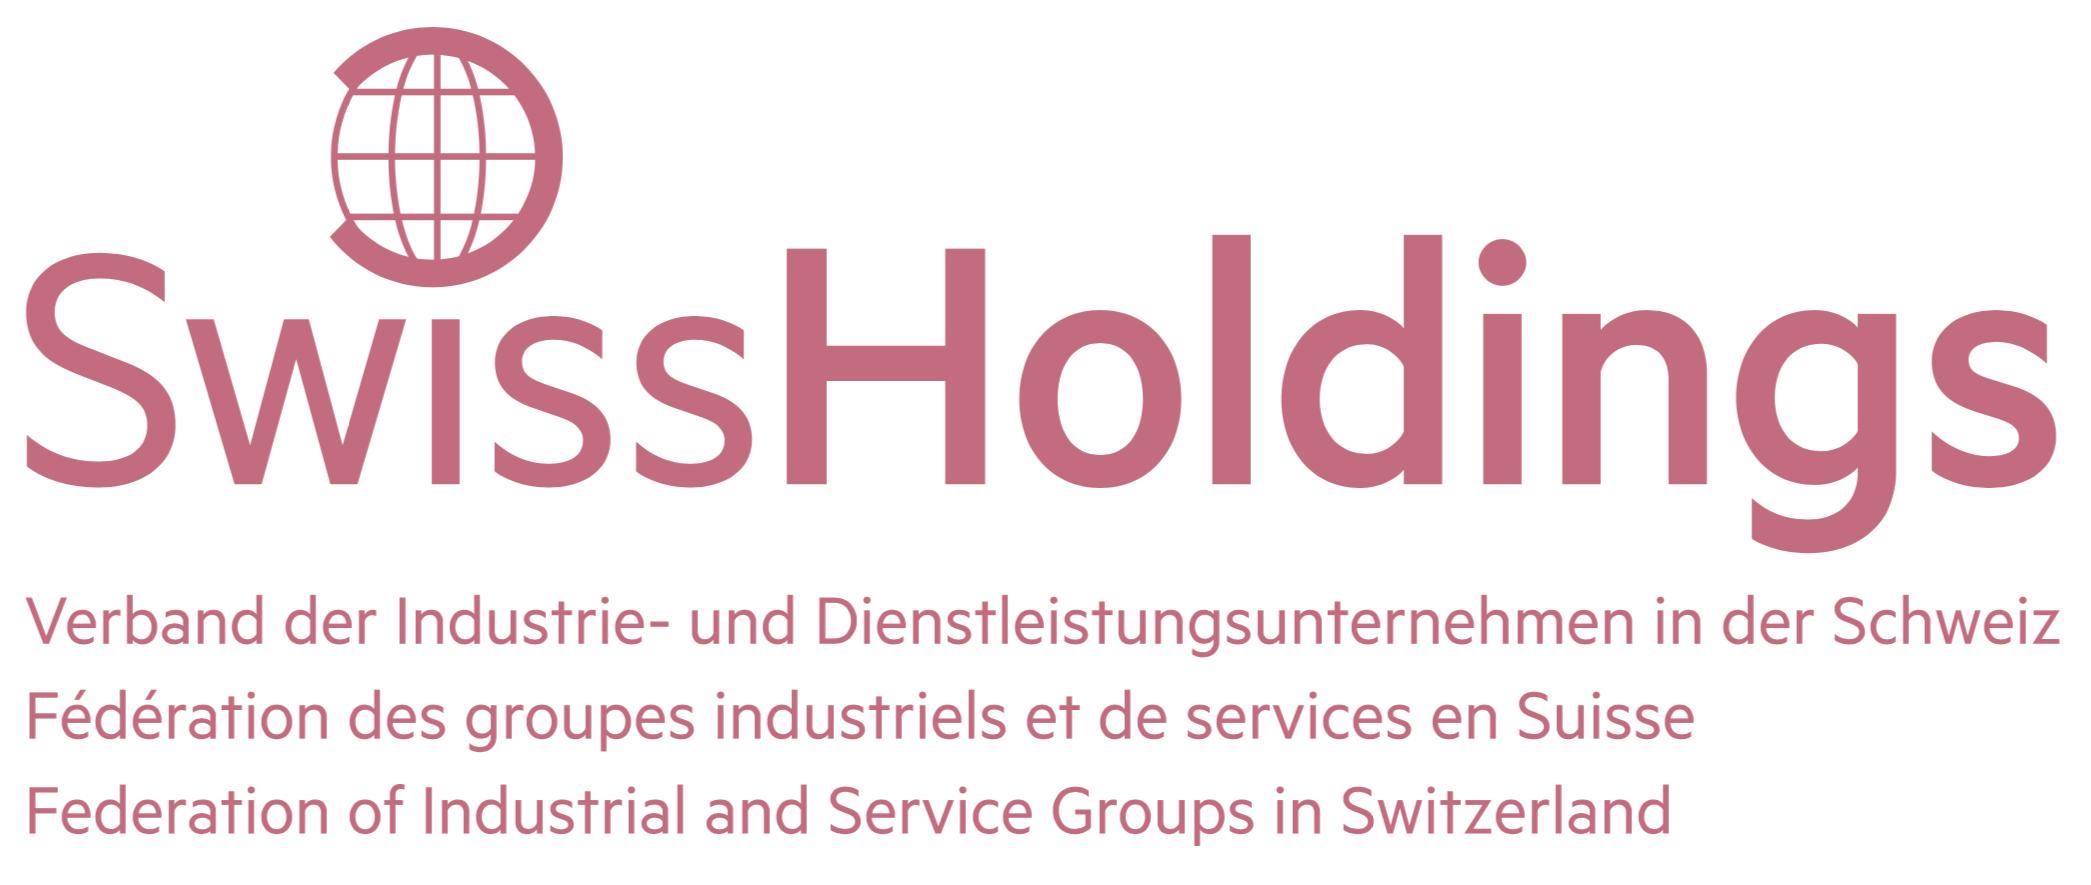 Swissholdings EN